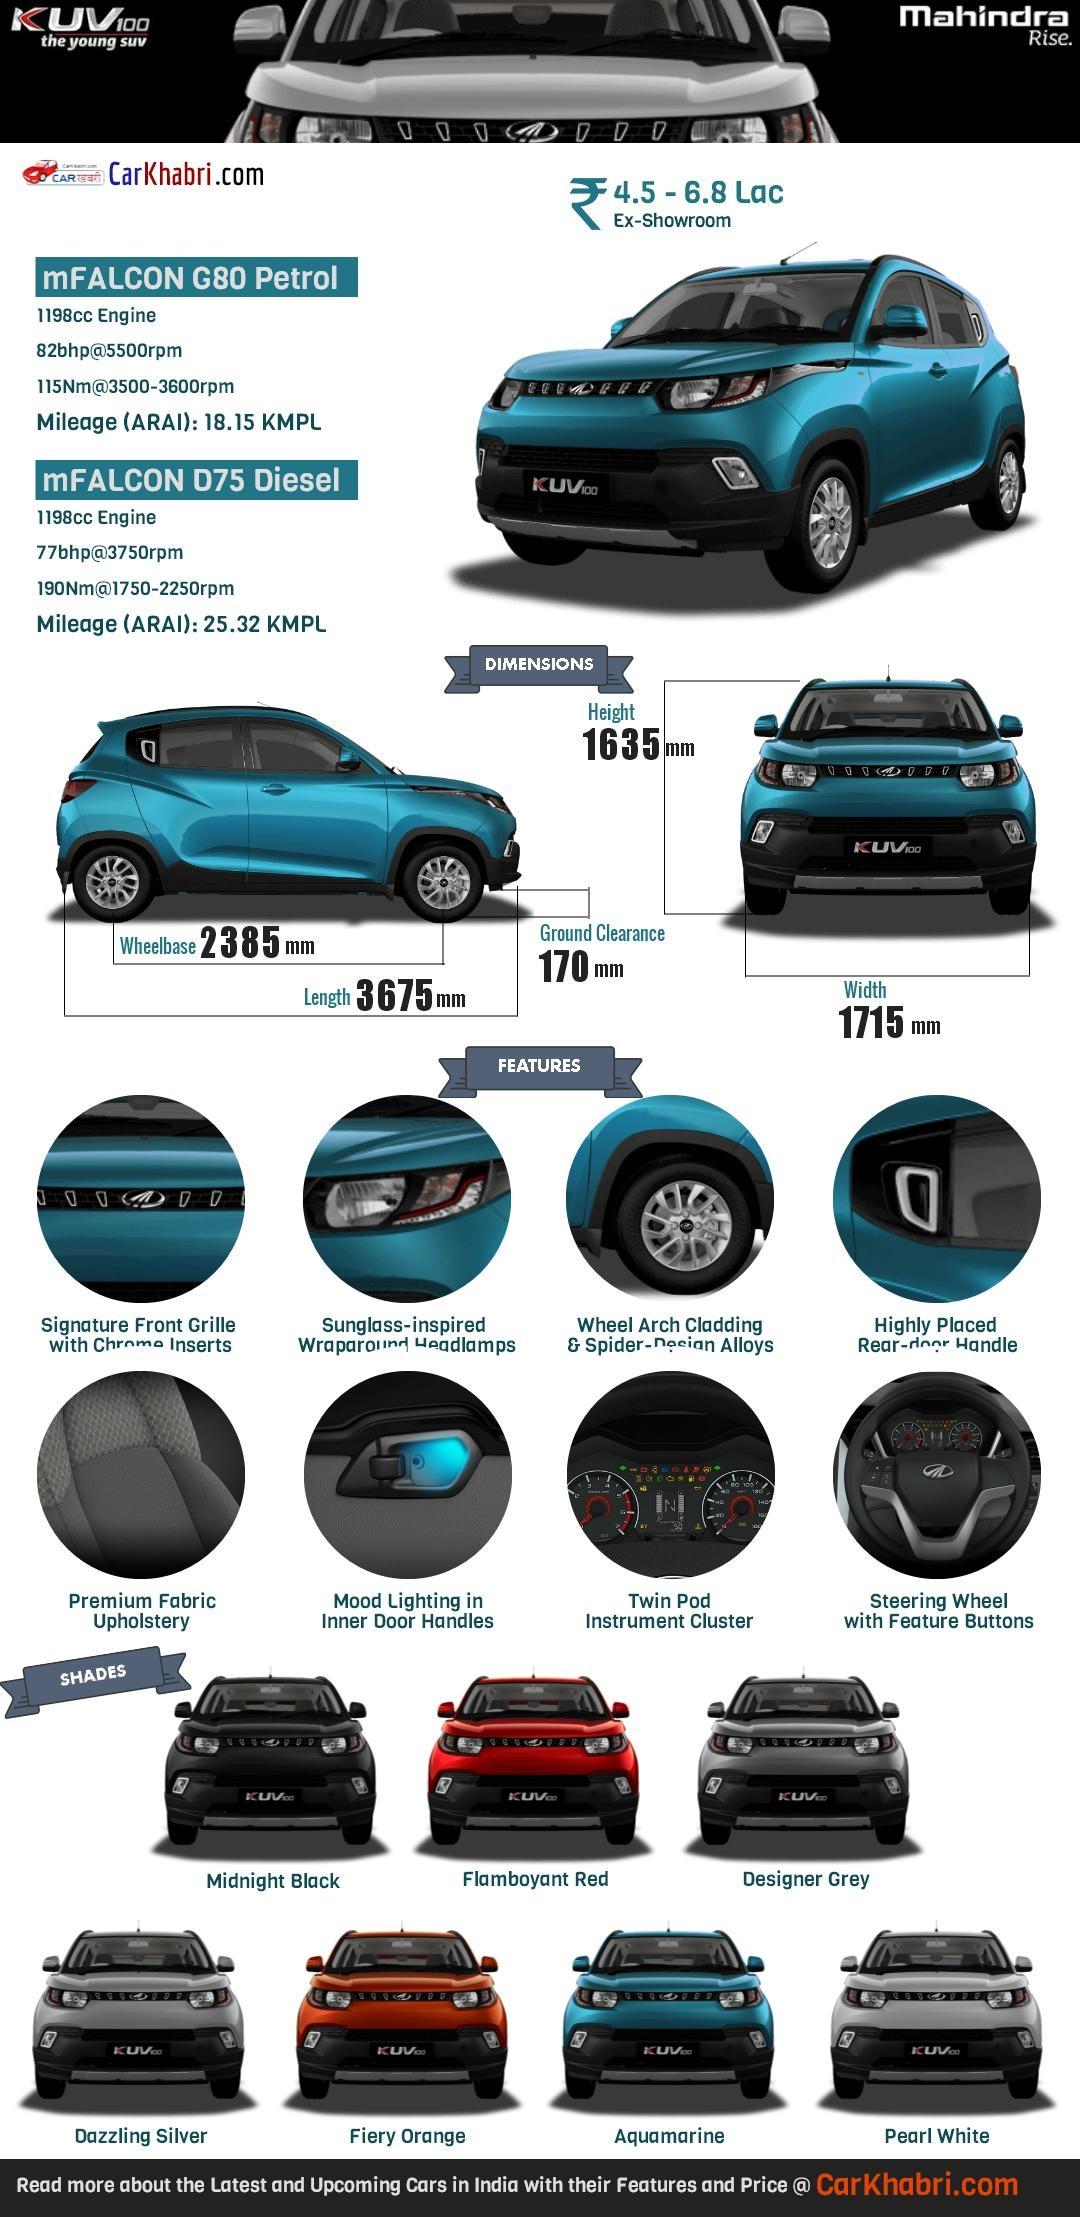 Mahindra KUV100 Infographic